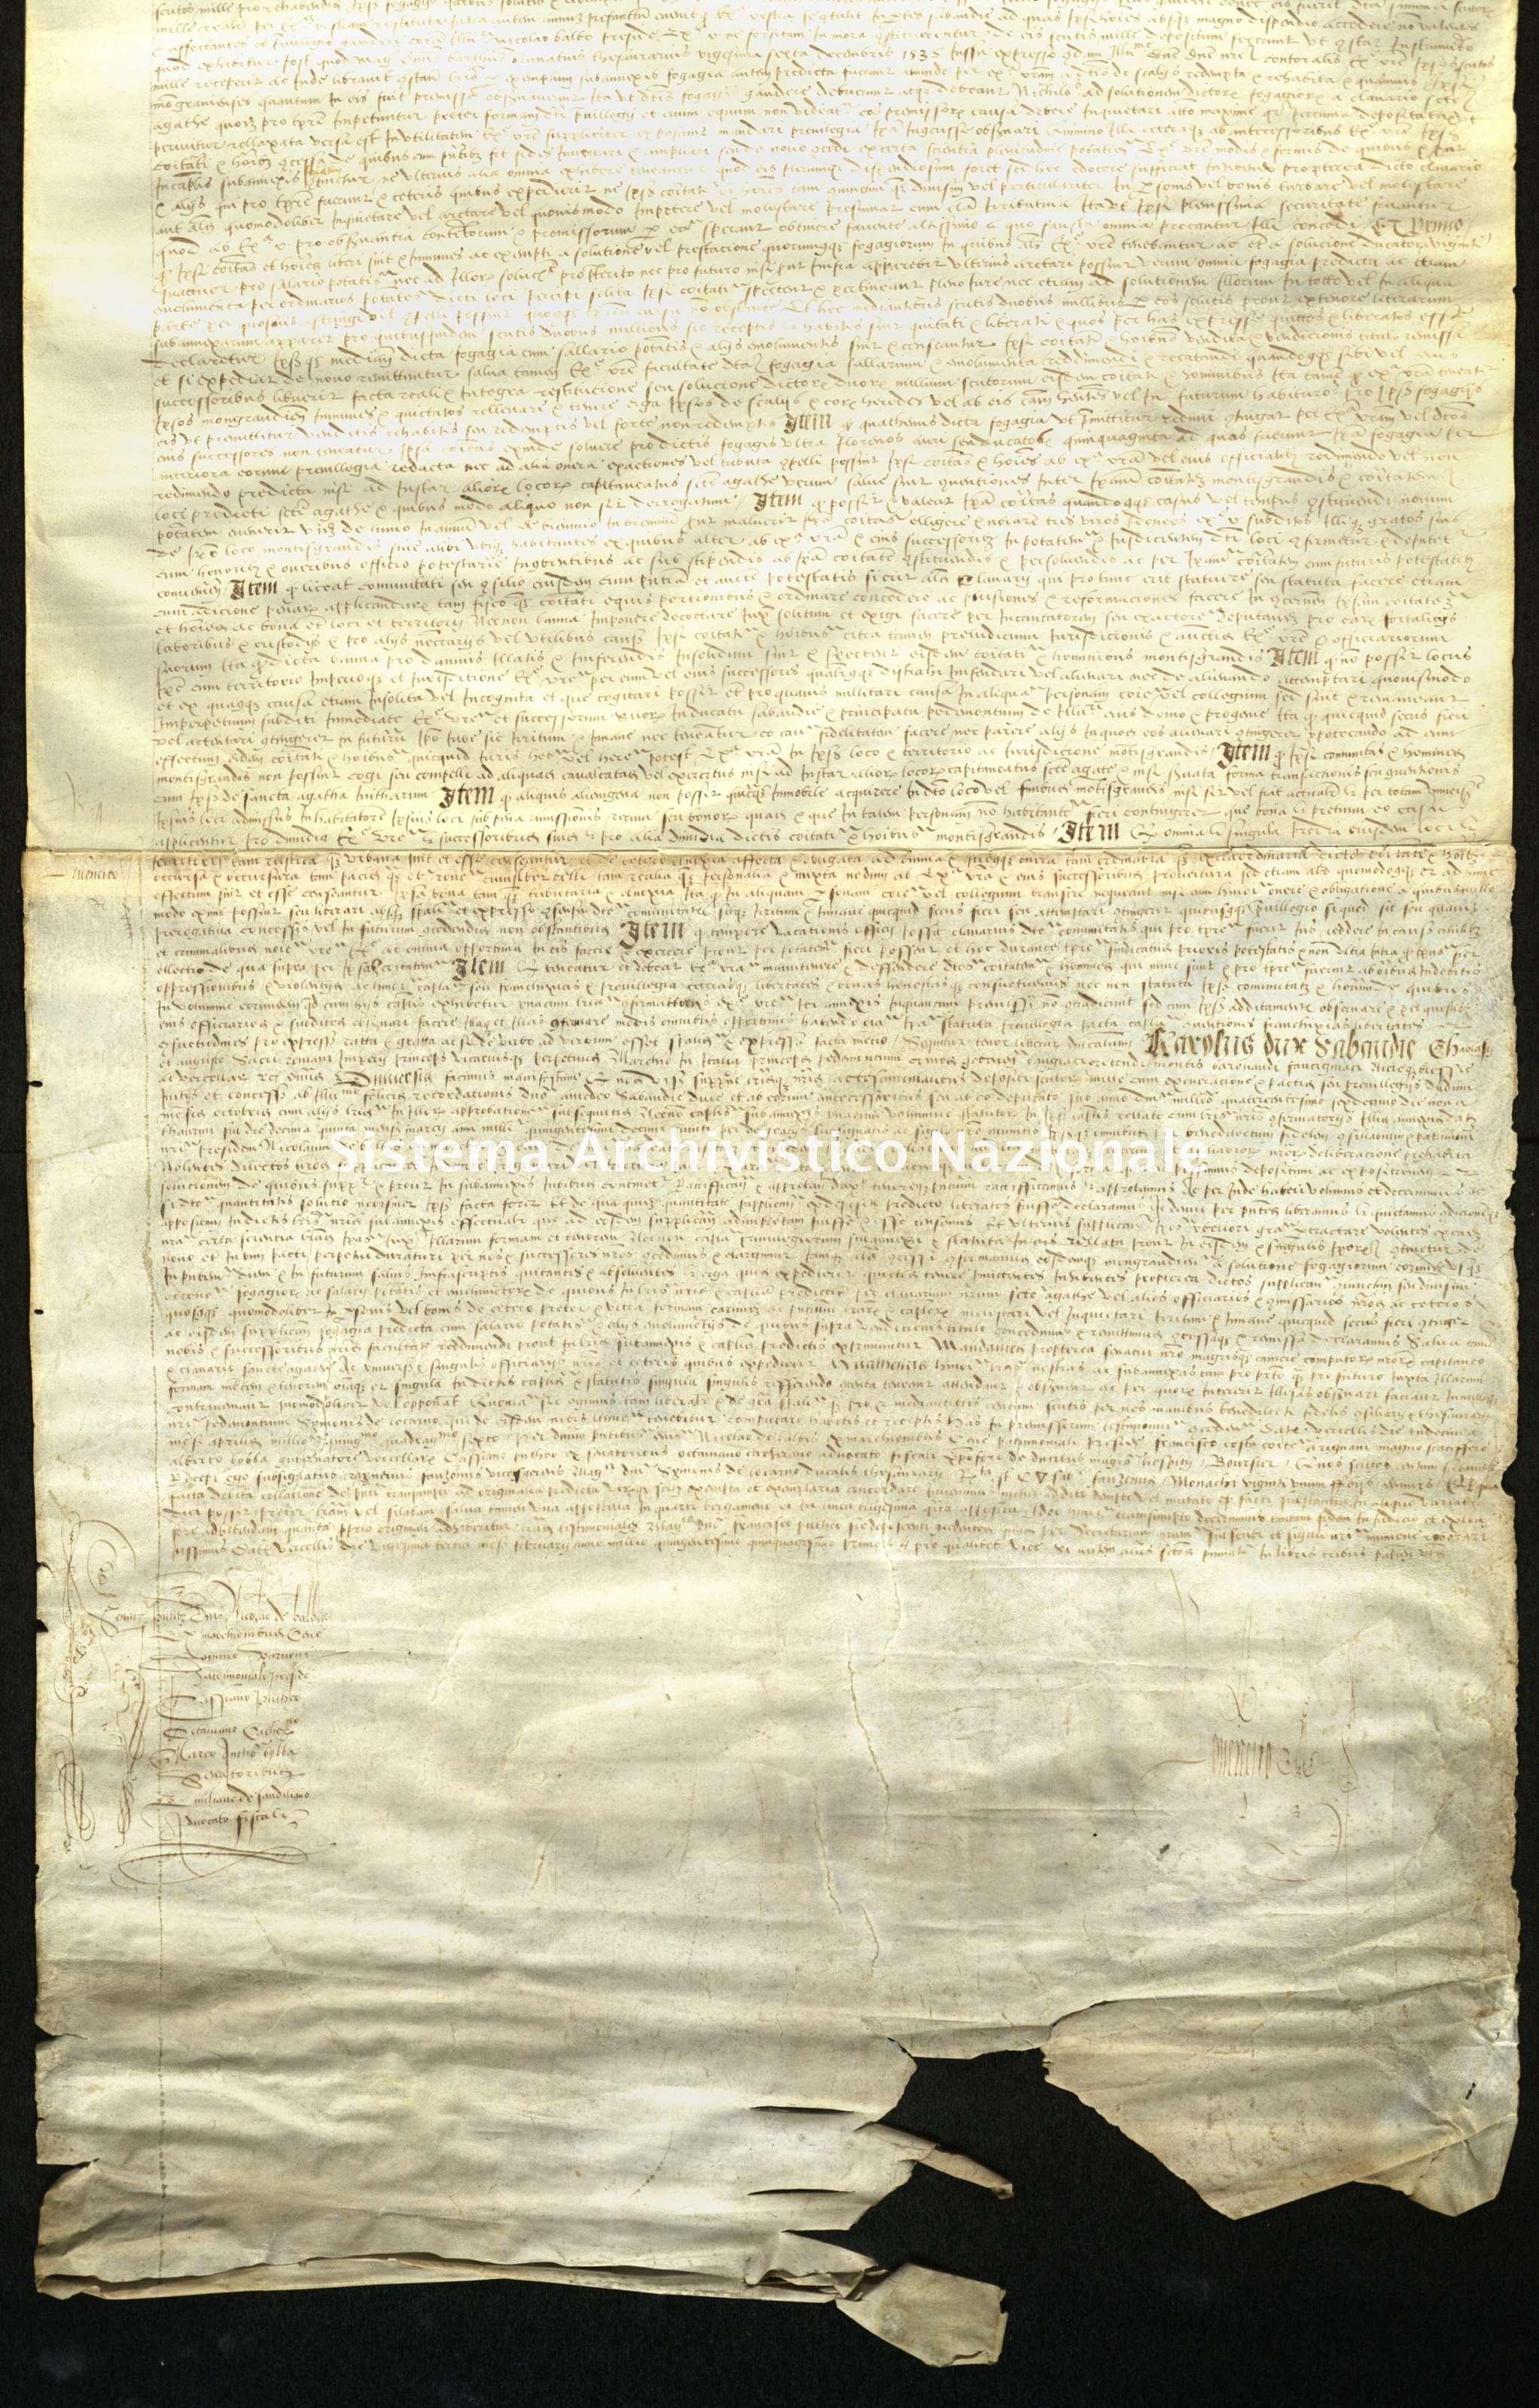 Archivio di Stato di Biella, Avogadro di Valdengo, Pergamene I, Vercelli 23 febbraio 1551